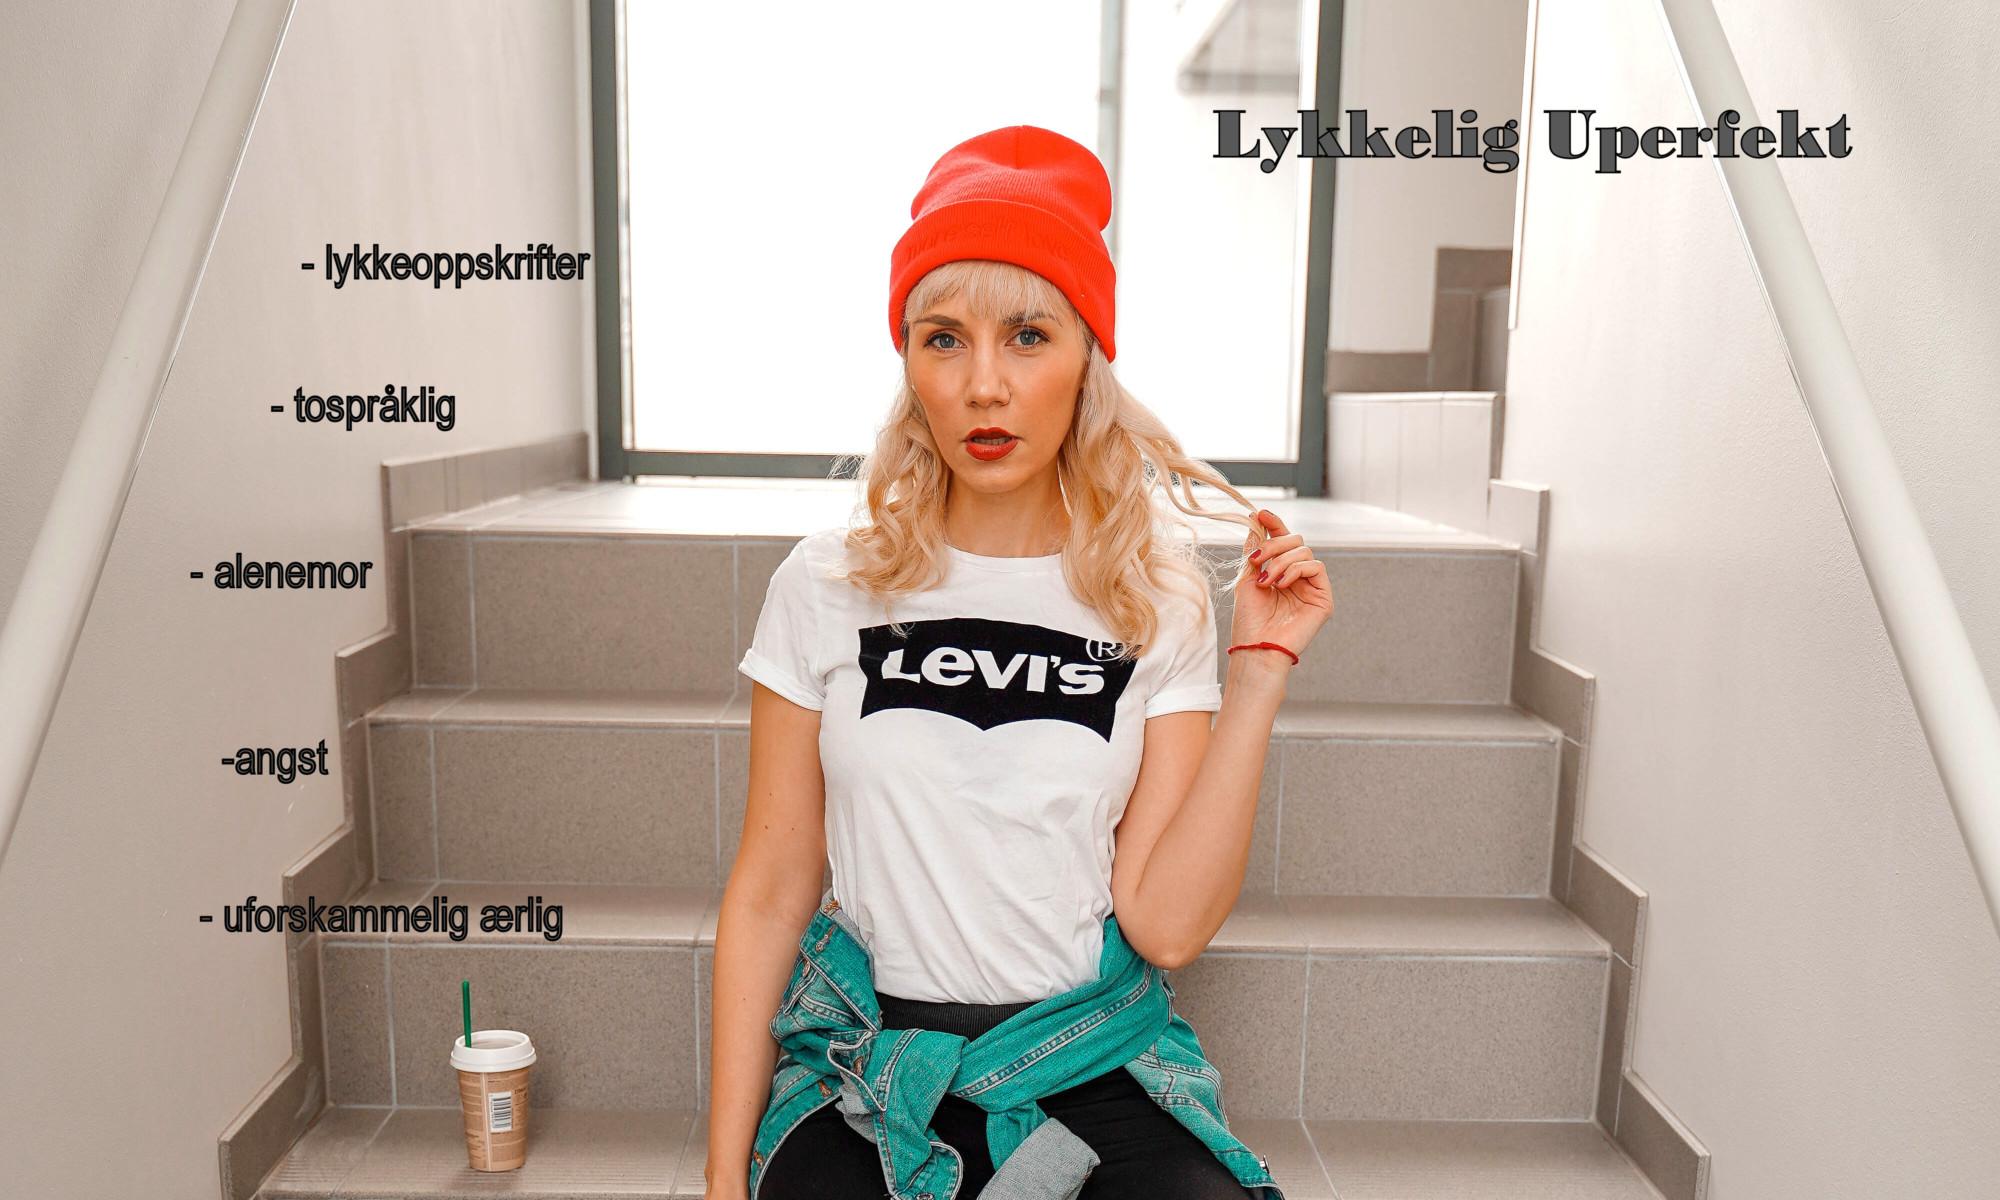 LenaLykke